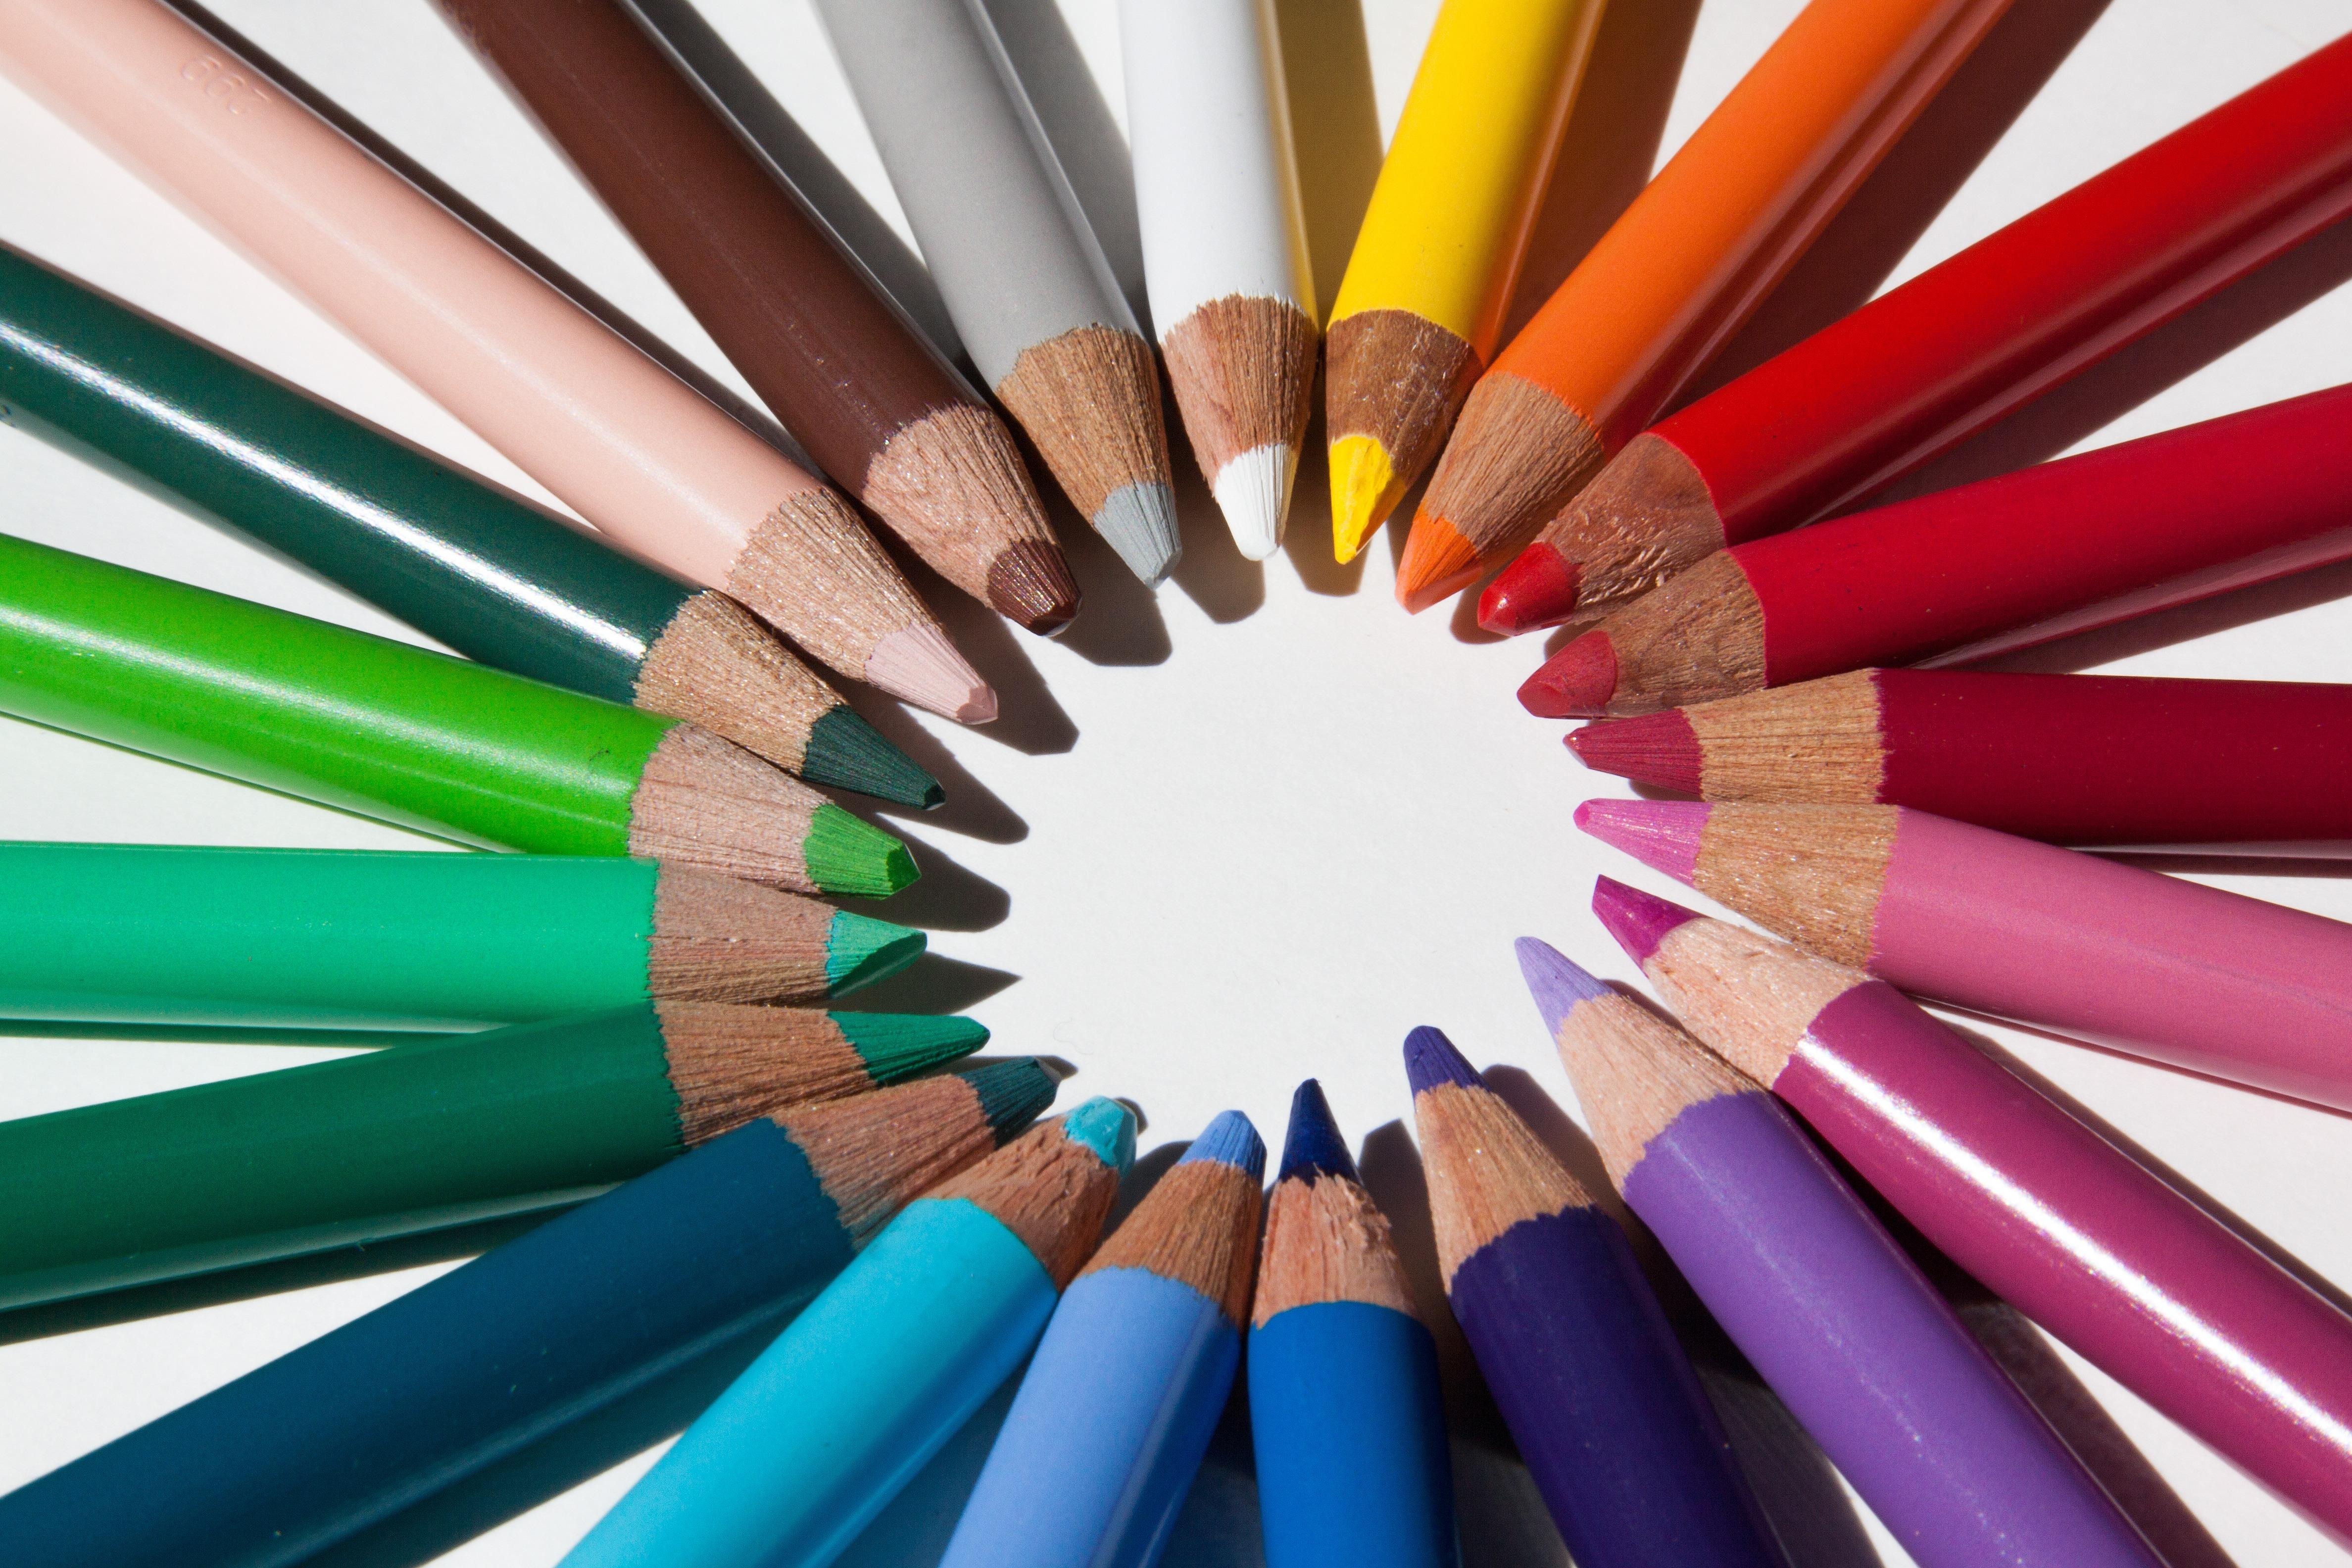 Poze Creion Stea Colorat A închide Schiță A Desena